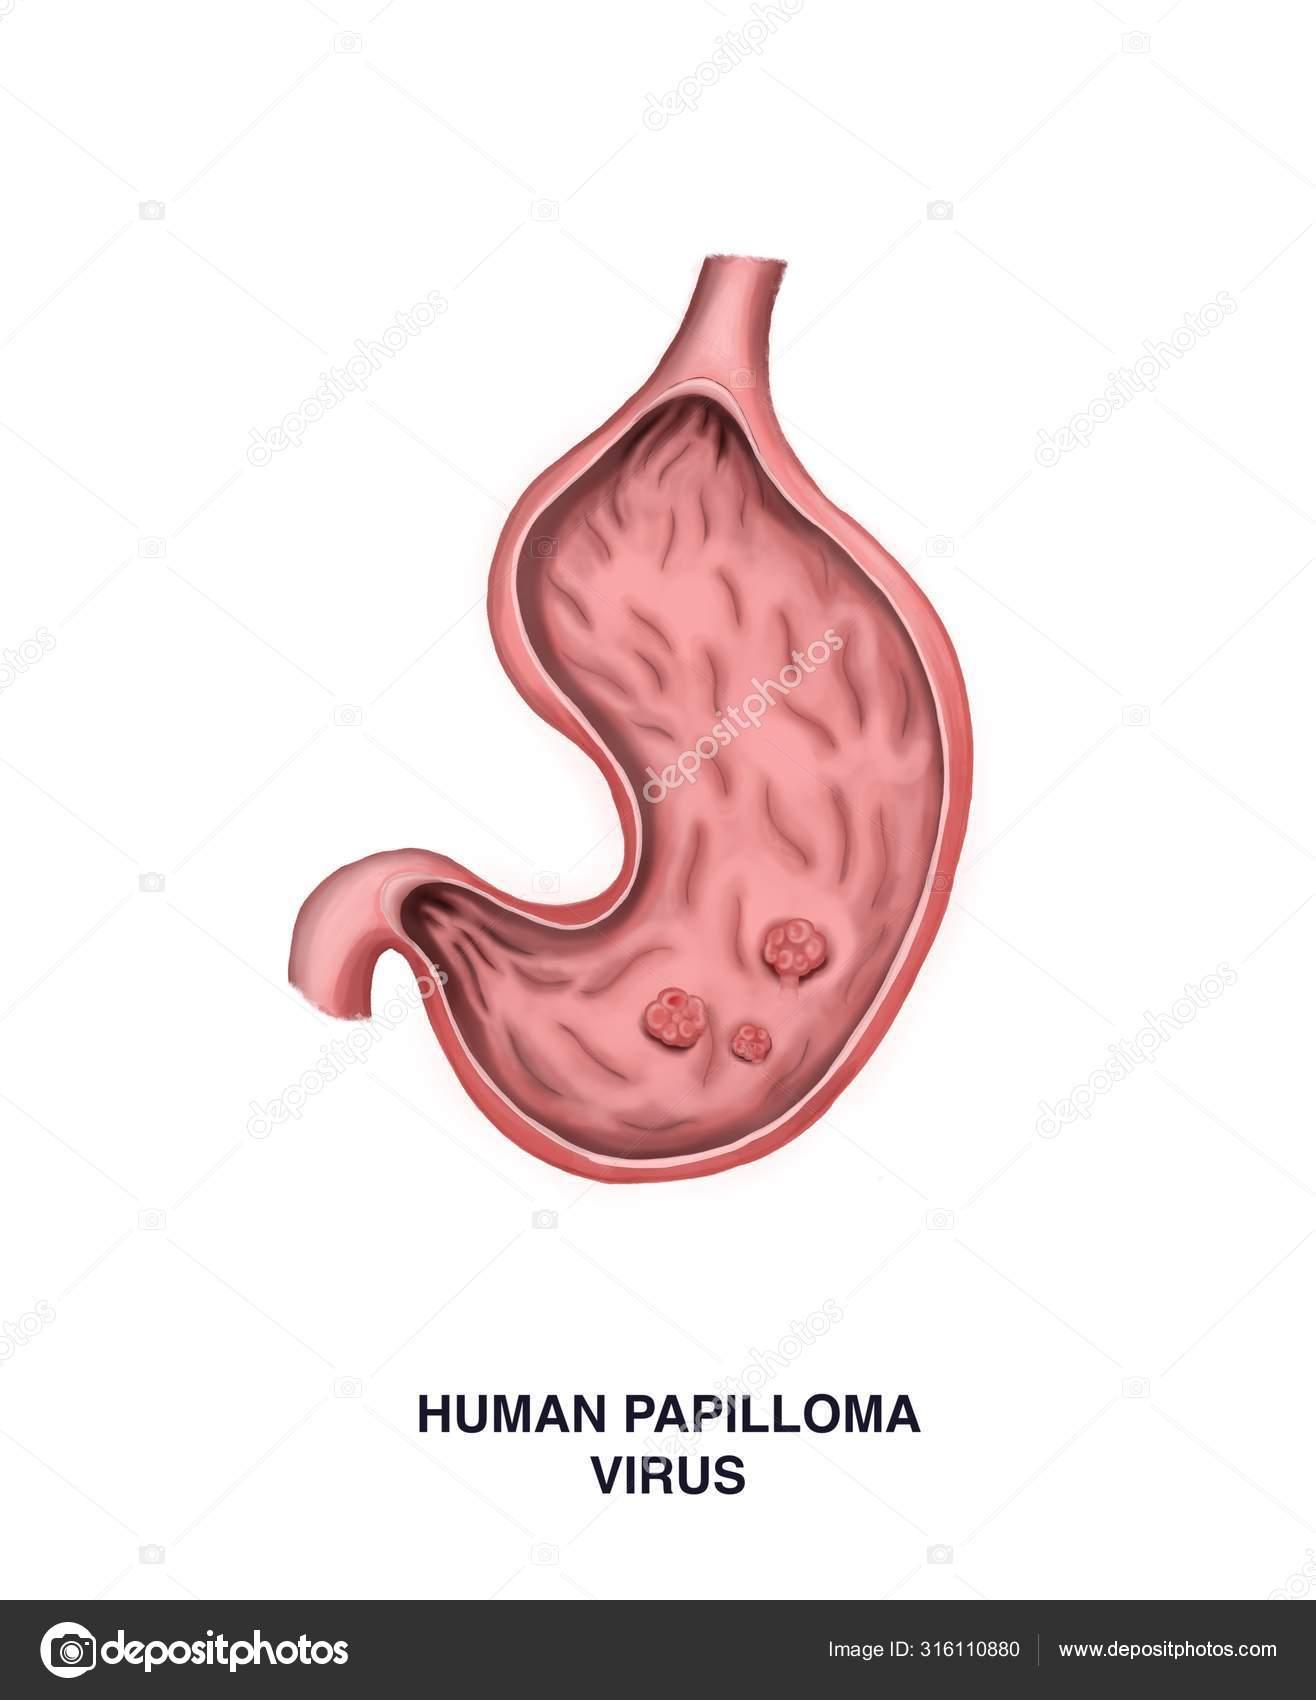 középkorú papillomavírus